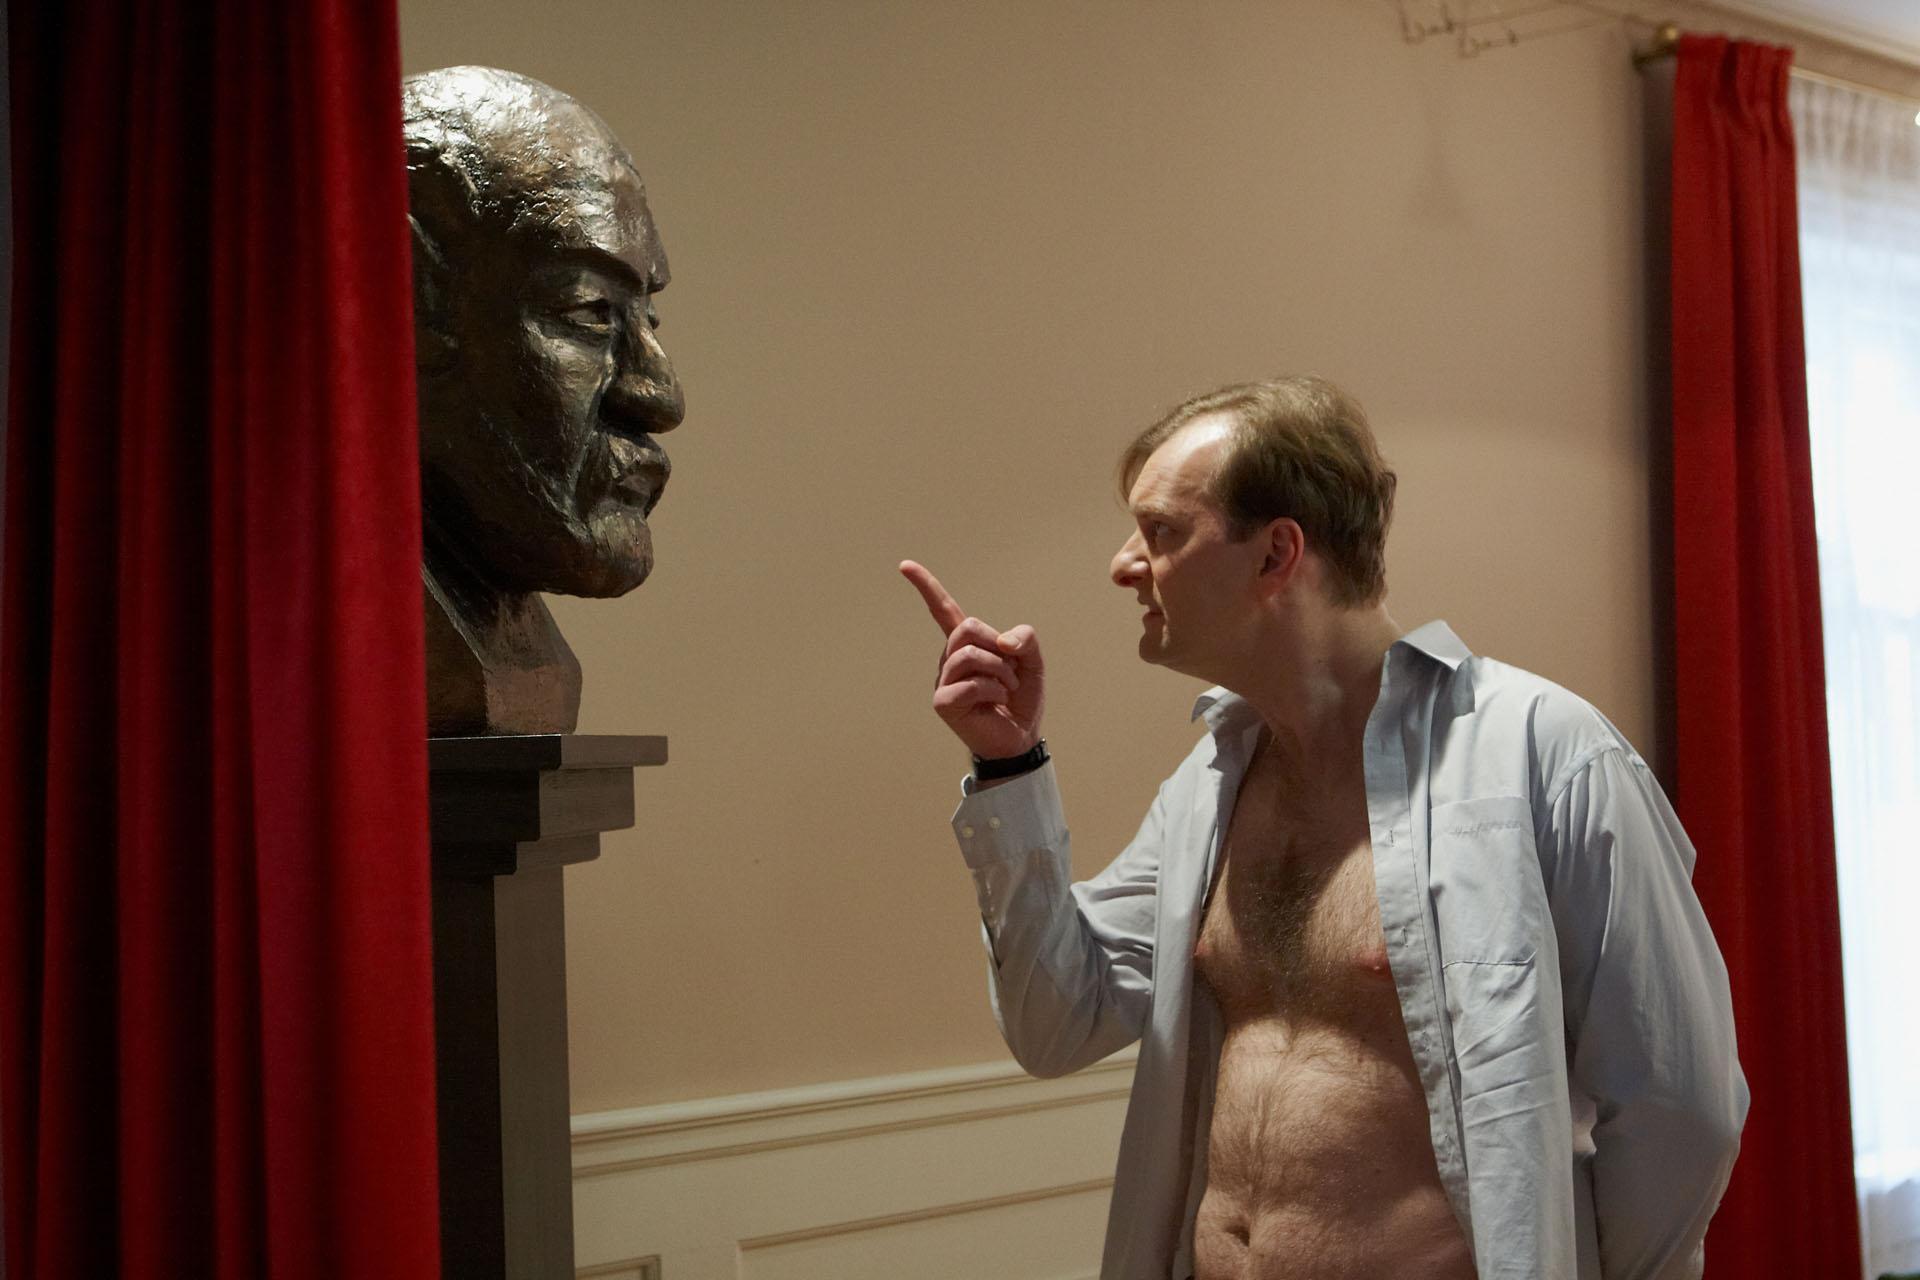 © Star*Film - Alexander Jagsch mit der sprechenden Freud-Büste